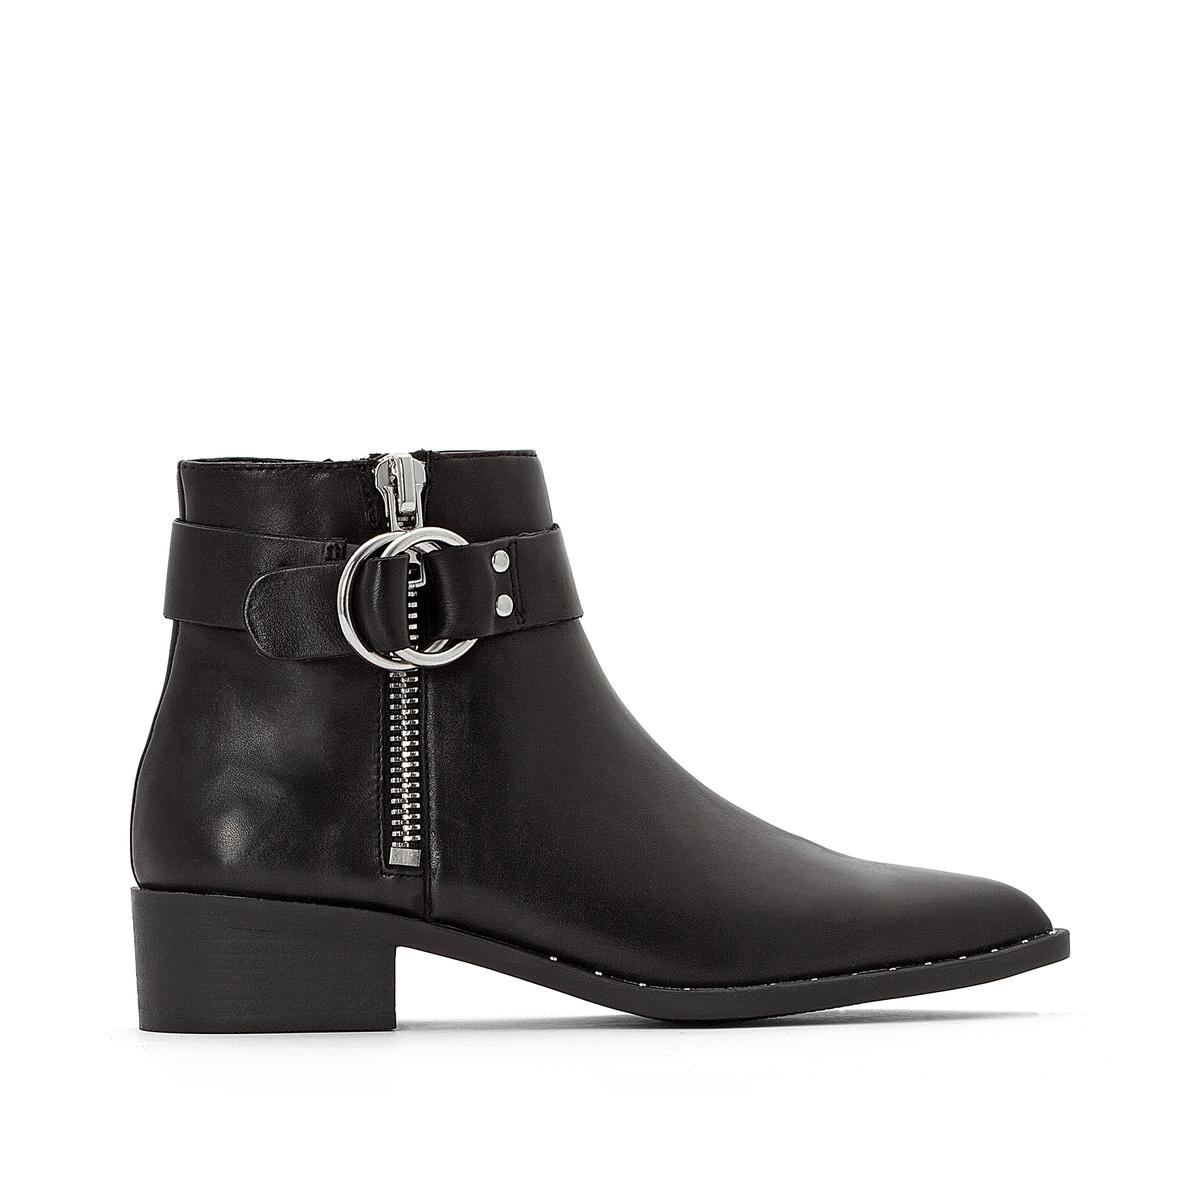 цены на Ботильоны кожаные Joana в интернет-магазинах